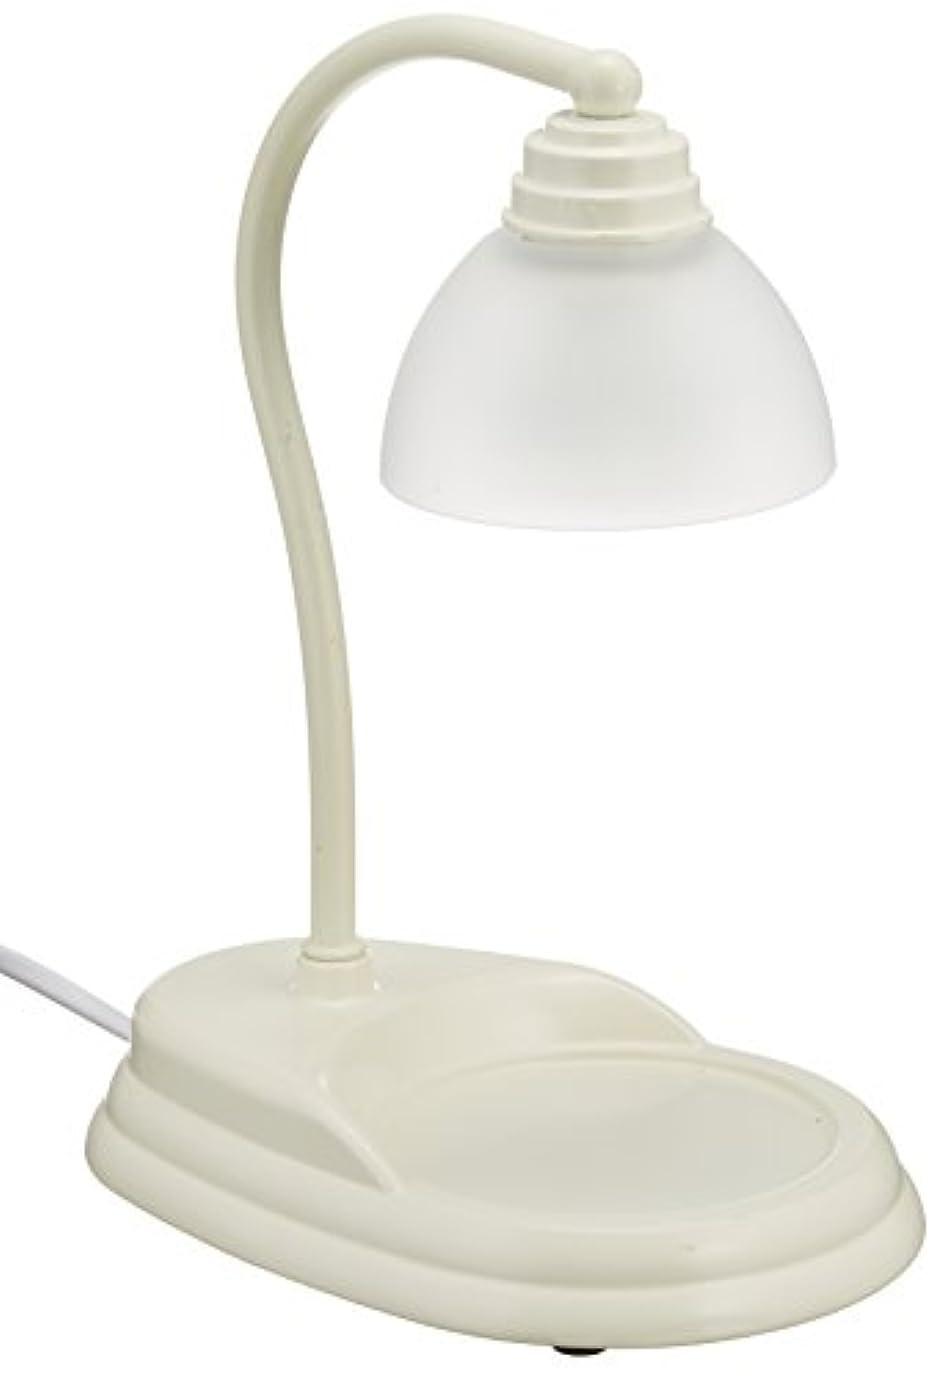 アマゾンジャングル観光プラスチック電球の熱でキャンドルを溶かして香りを楽しむ電気スタンド キャンドルウォーマーランプ (ホワイト)